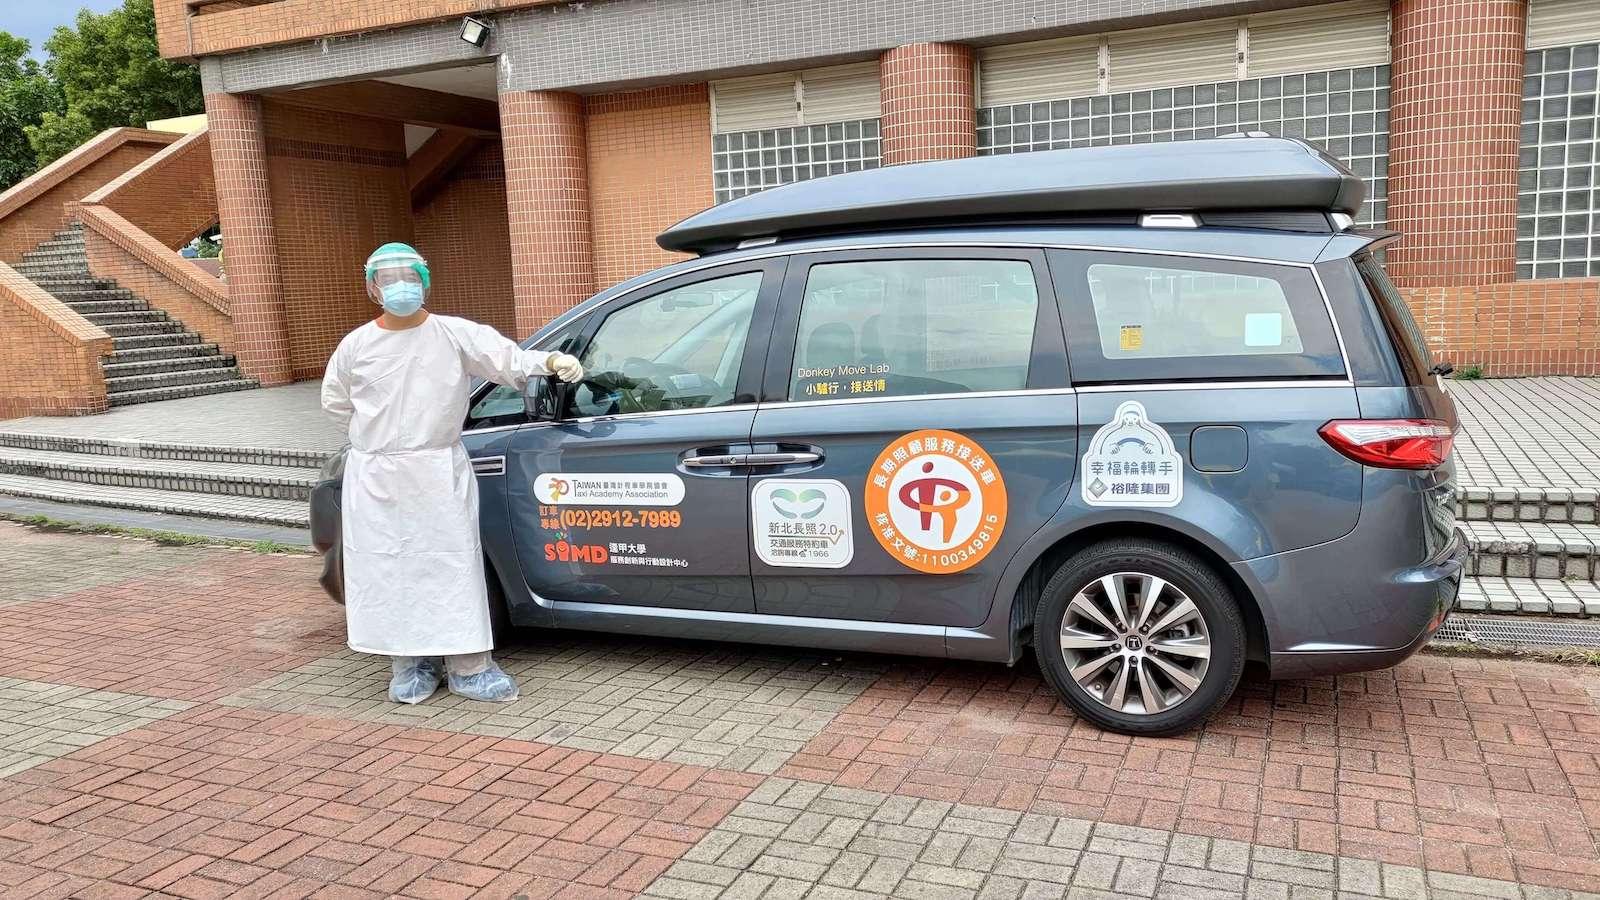 裕隆集團捐助新北 10 部行動專車 再捐防疫運輸交通資源